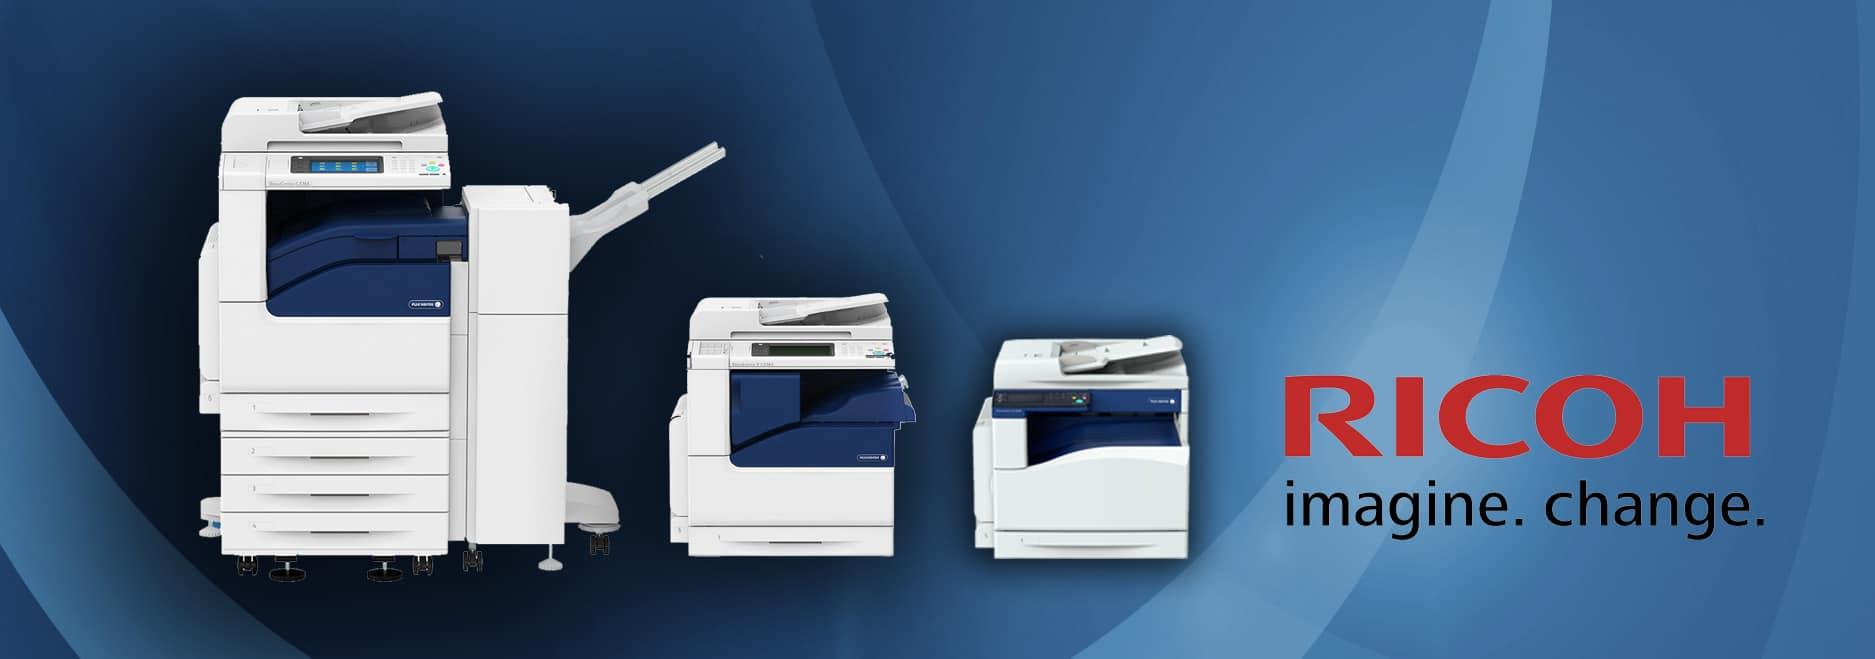 Giới thiệu dòng máy photocopy Ricoh